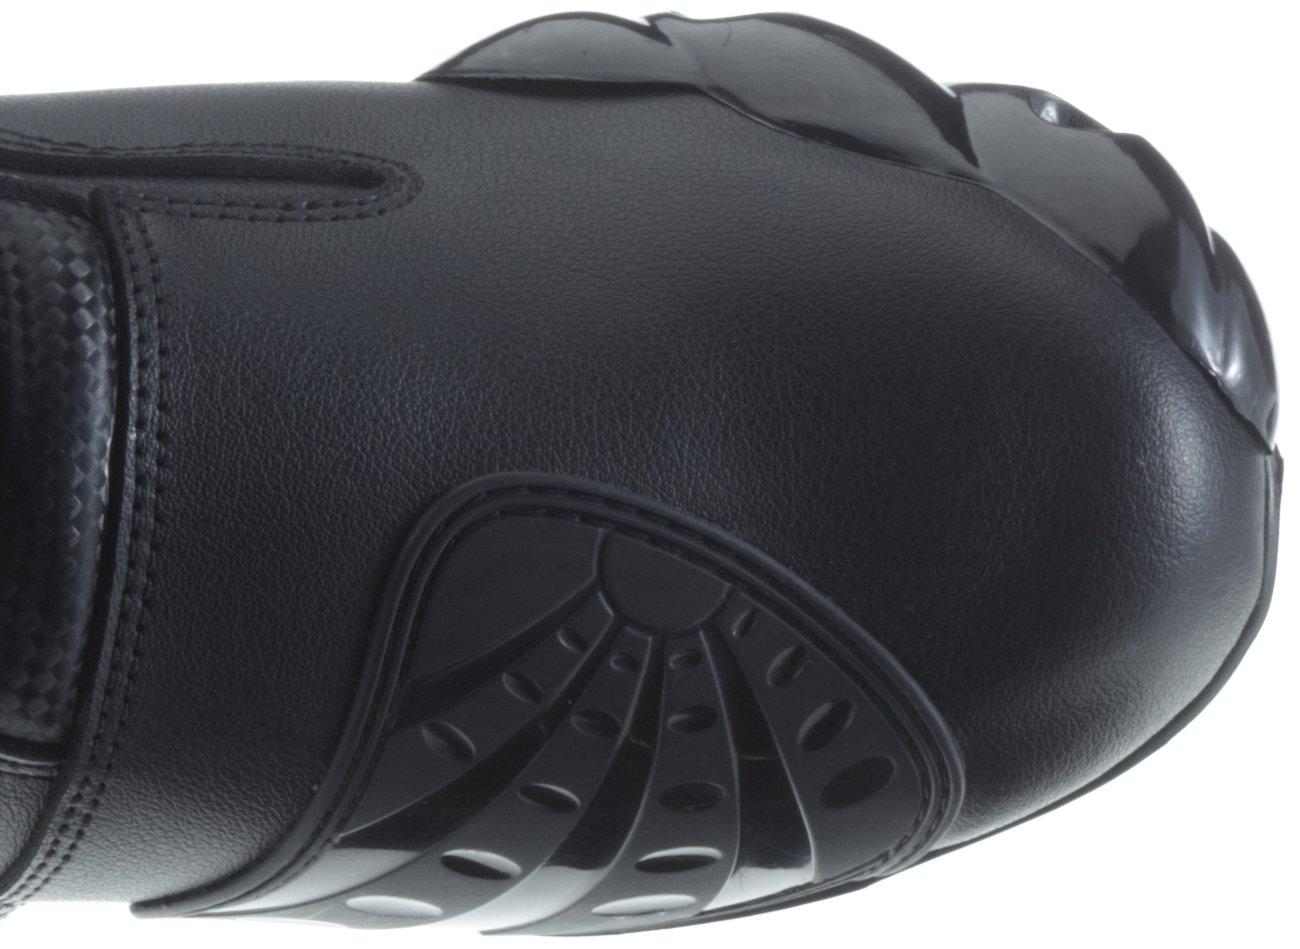 Gr/ö/ße 47 Protectwear TS-006-47 Motorradstiefel Racing aliue Schwarz Wasserabweisend aus schwarzem Leder mit aufgesetzten Hartschalenprotektoren